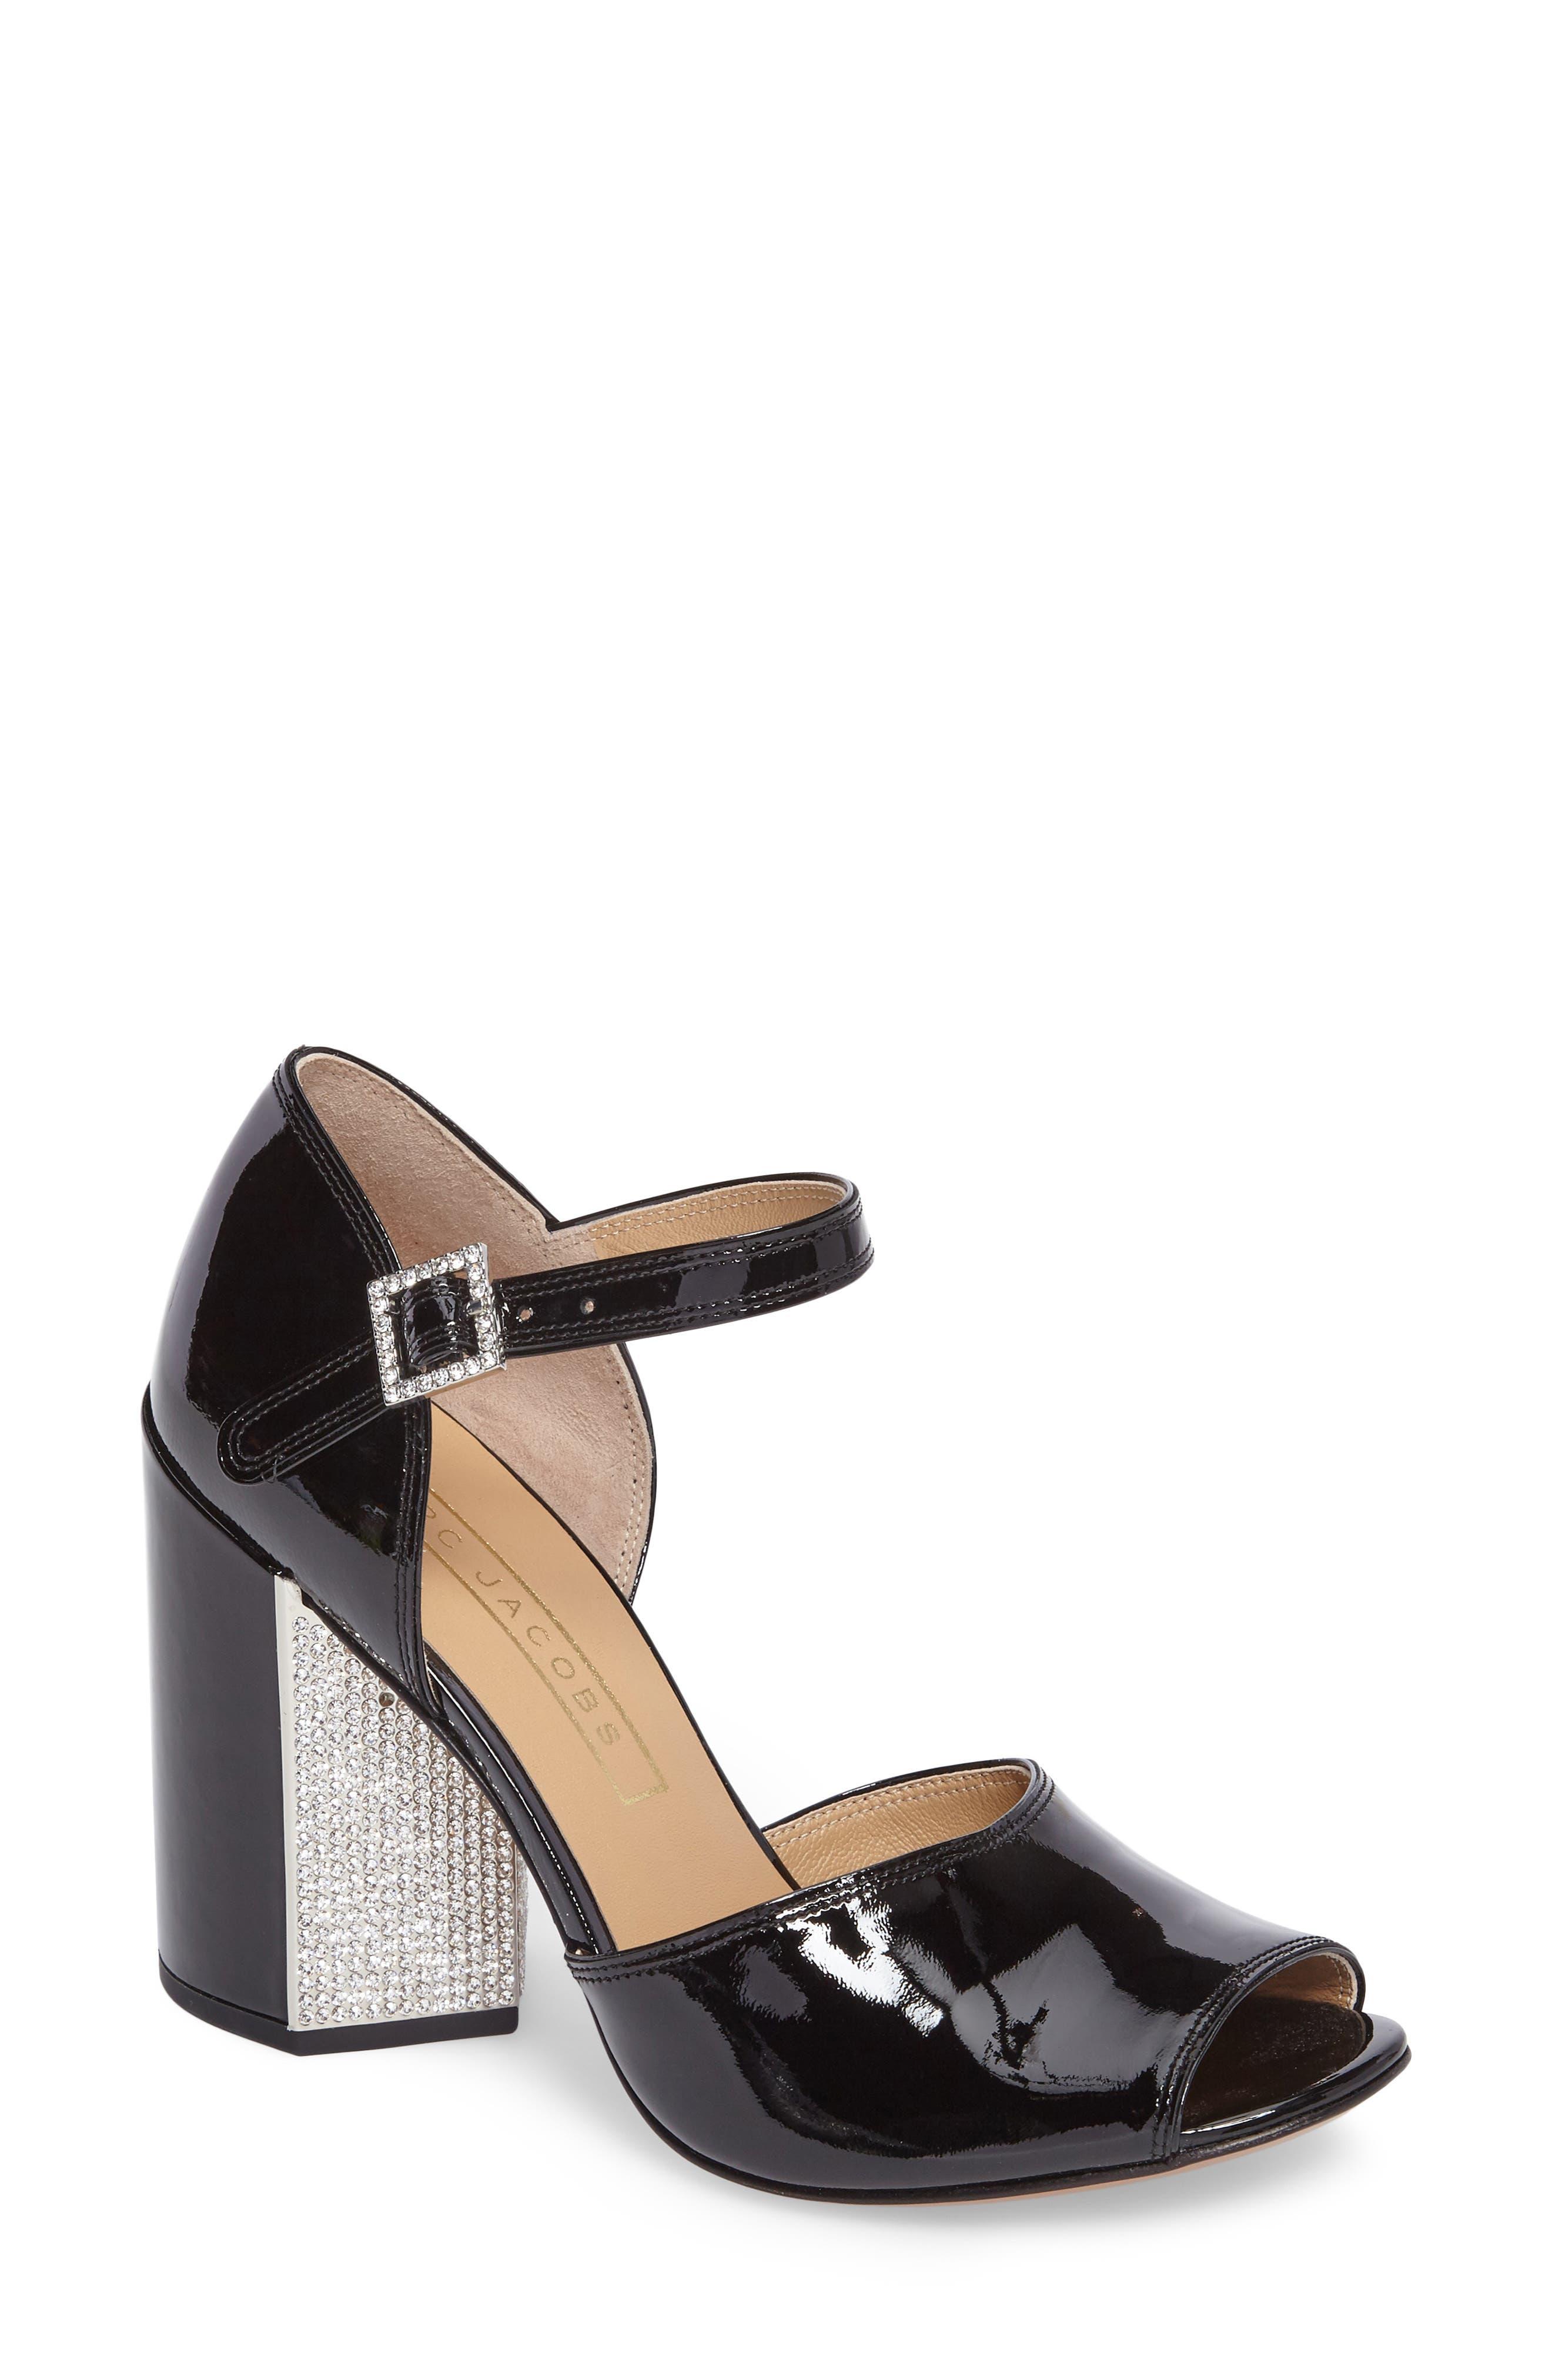 Kasia Embellished Ankle Strap Sandal,                             Main thumbnail 1, color,                             Black